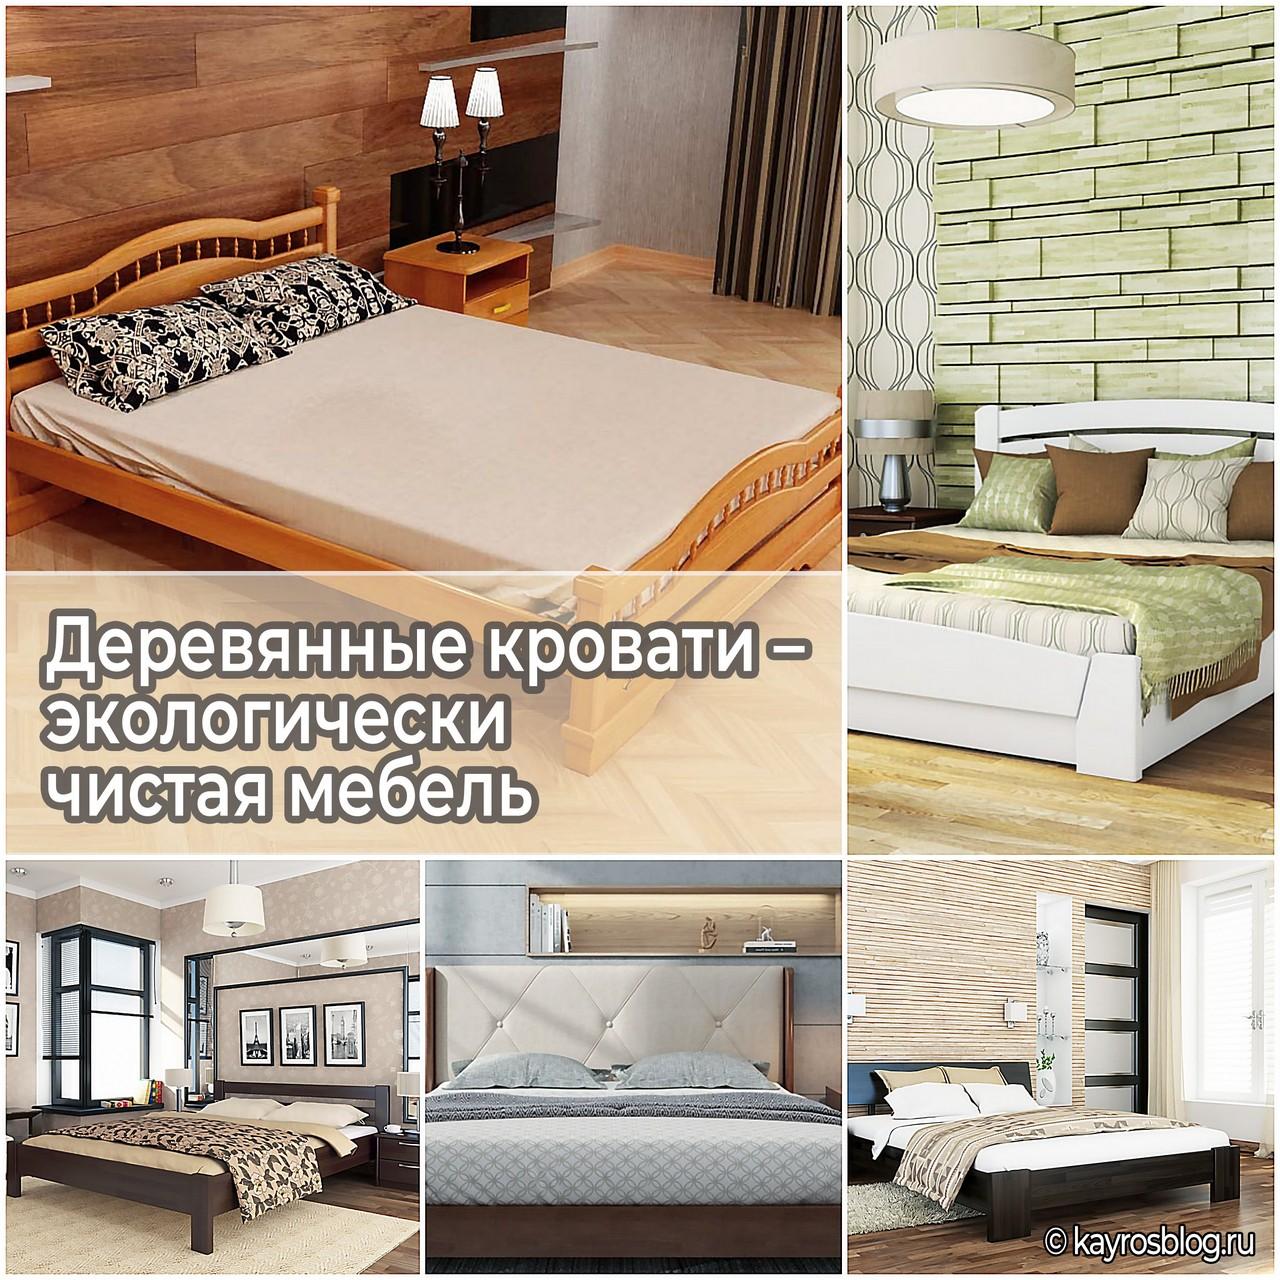 Деревянные кровати – экологически чистая мебель